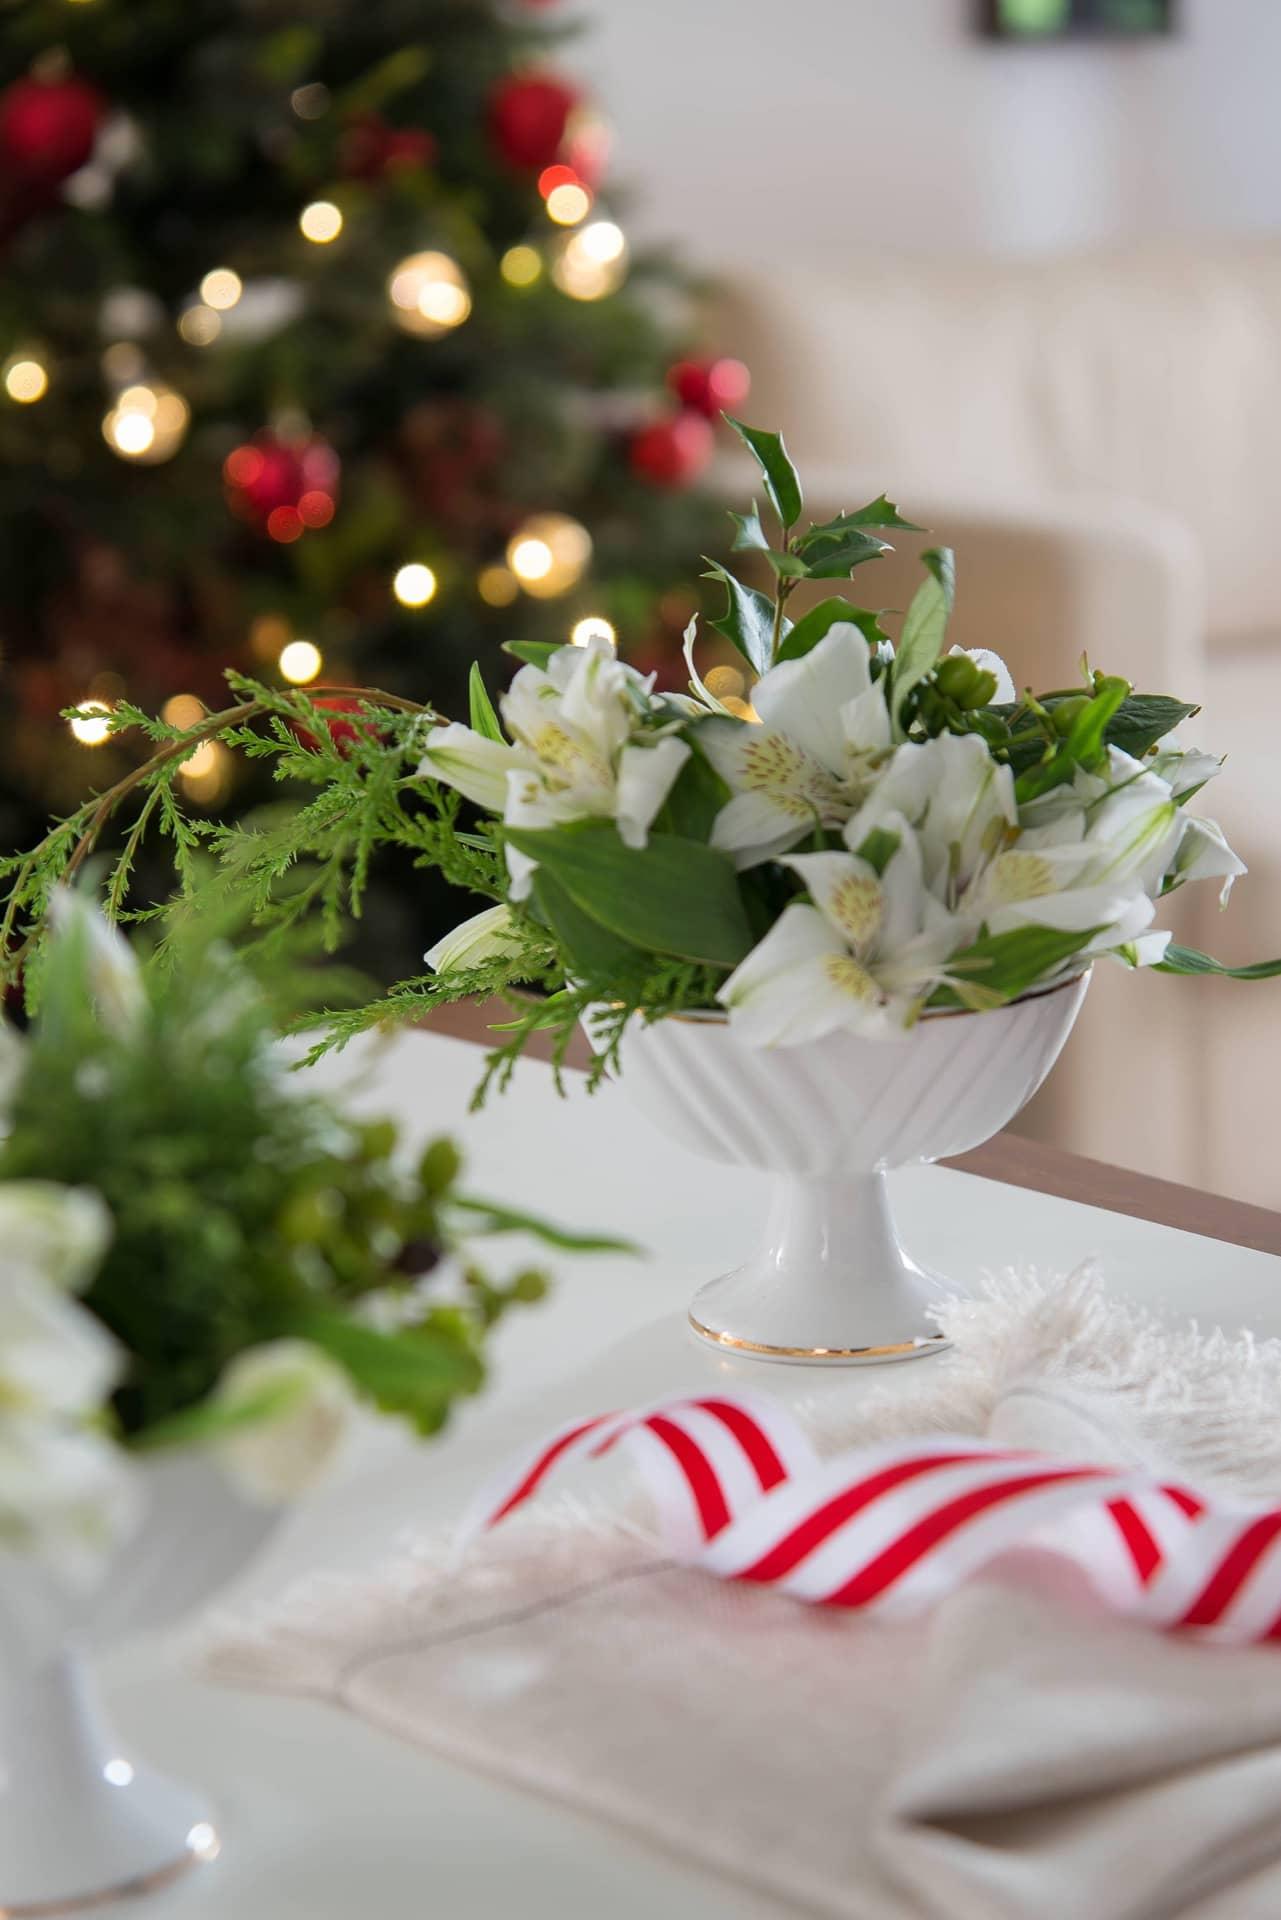 Imagem: Em dia de festa não pode faltar flor na mesa! No lugar de vasos, as flores brancas (astromélias) foram colocadas nas taças de sobremesa Soleil Victoria da Oxford. A altura é perfeita para não atrapalhar a conversa entre os convidados. Fotos: Cacá Bratke.